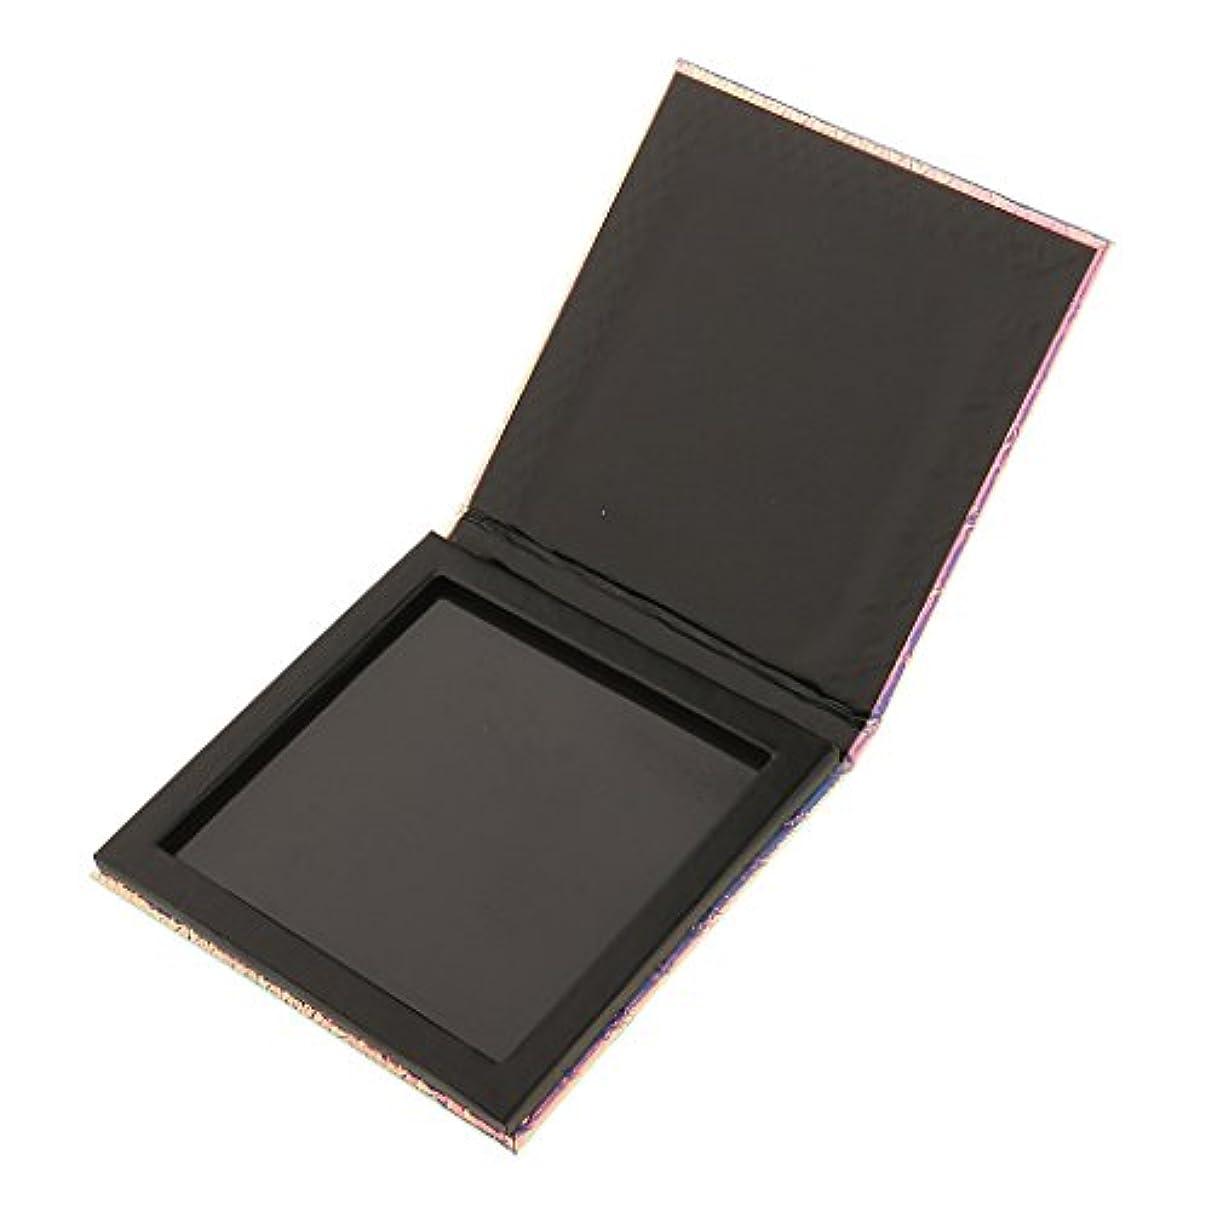 検出対噴火Perfk 磁気パレットボックス 空の磁気パレット メイクアップ コスメ 収納 ボックス 化粧品ケース 化粧品DIY 全2サイズ選べ - 10x10cm